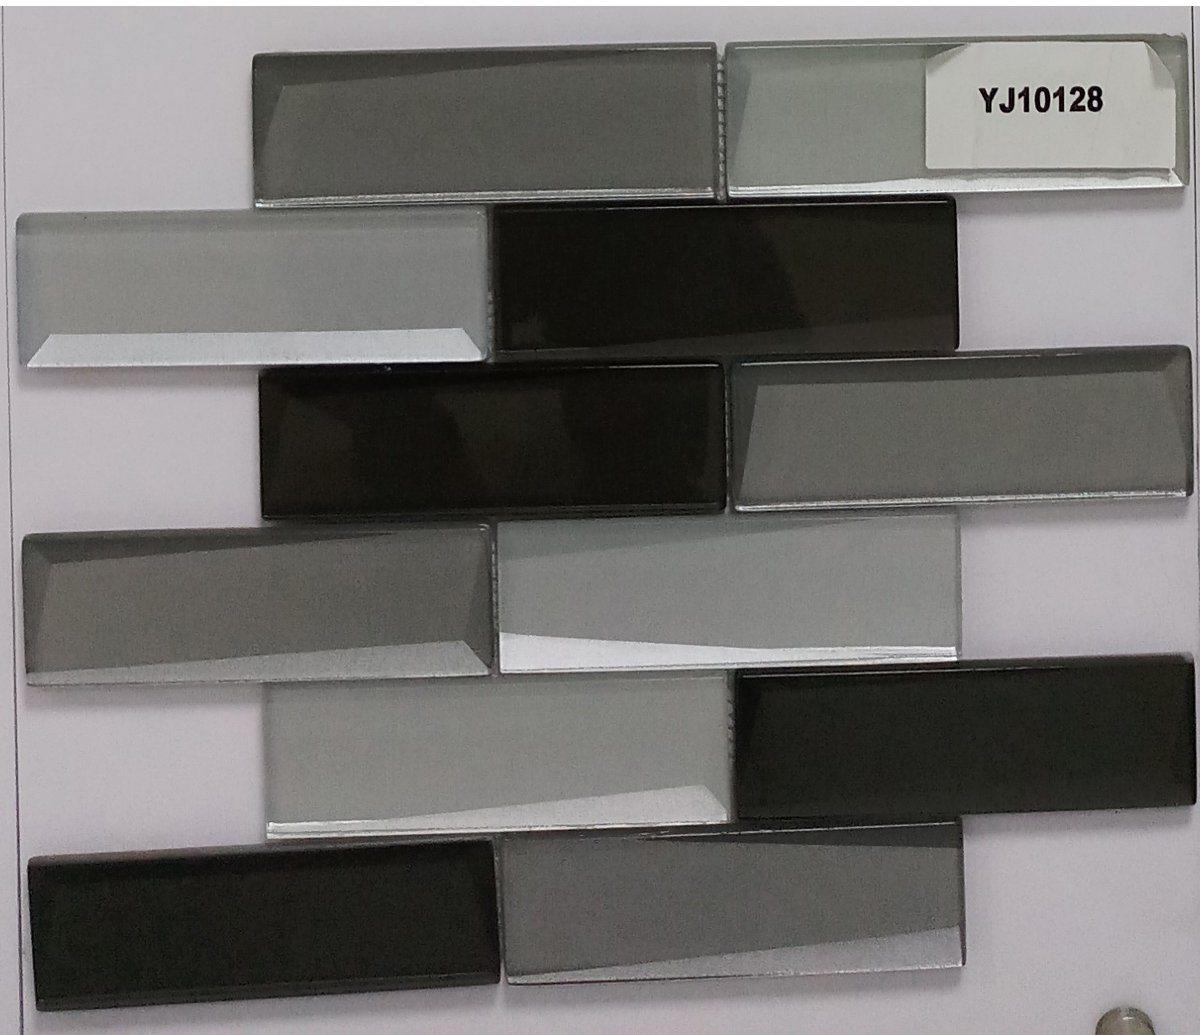 hot item gentle grey and black glass tile perfect for kitchen backsplash or bathroom color sample